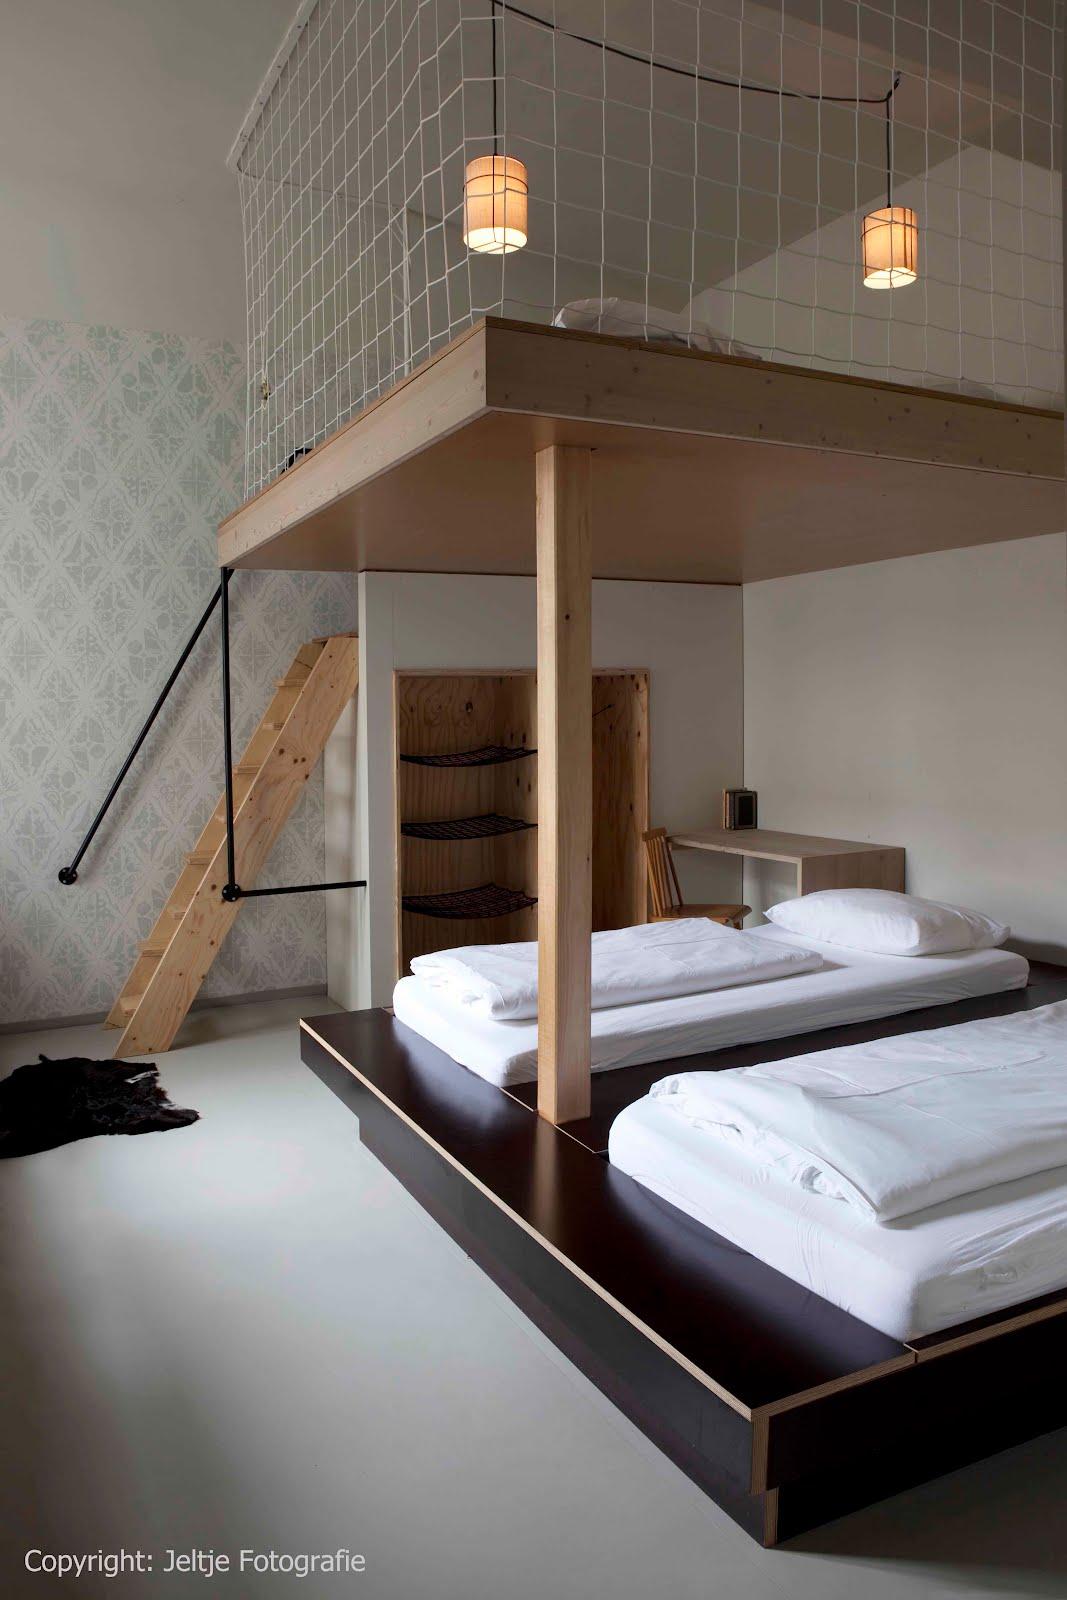 jeltje fotografie michelberger hotel. Black Bedroom Furniture Sets. Home Design Ideas